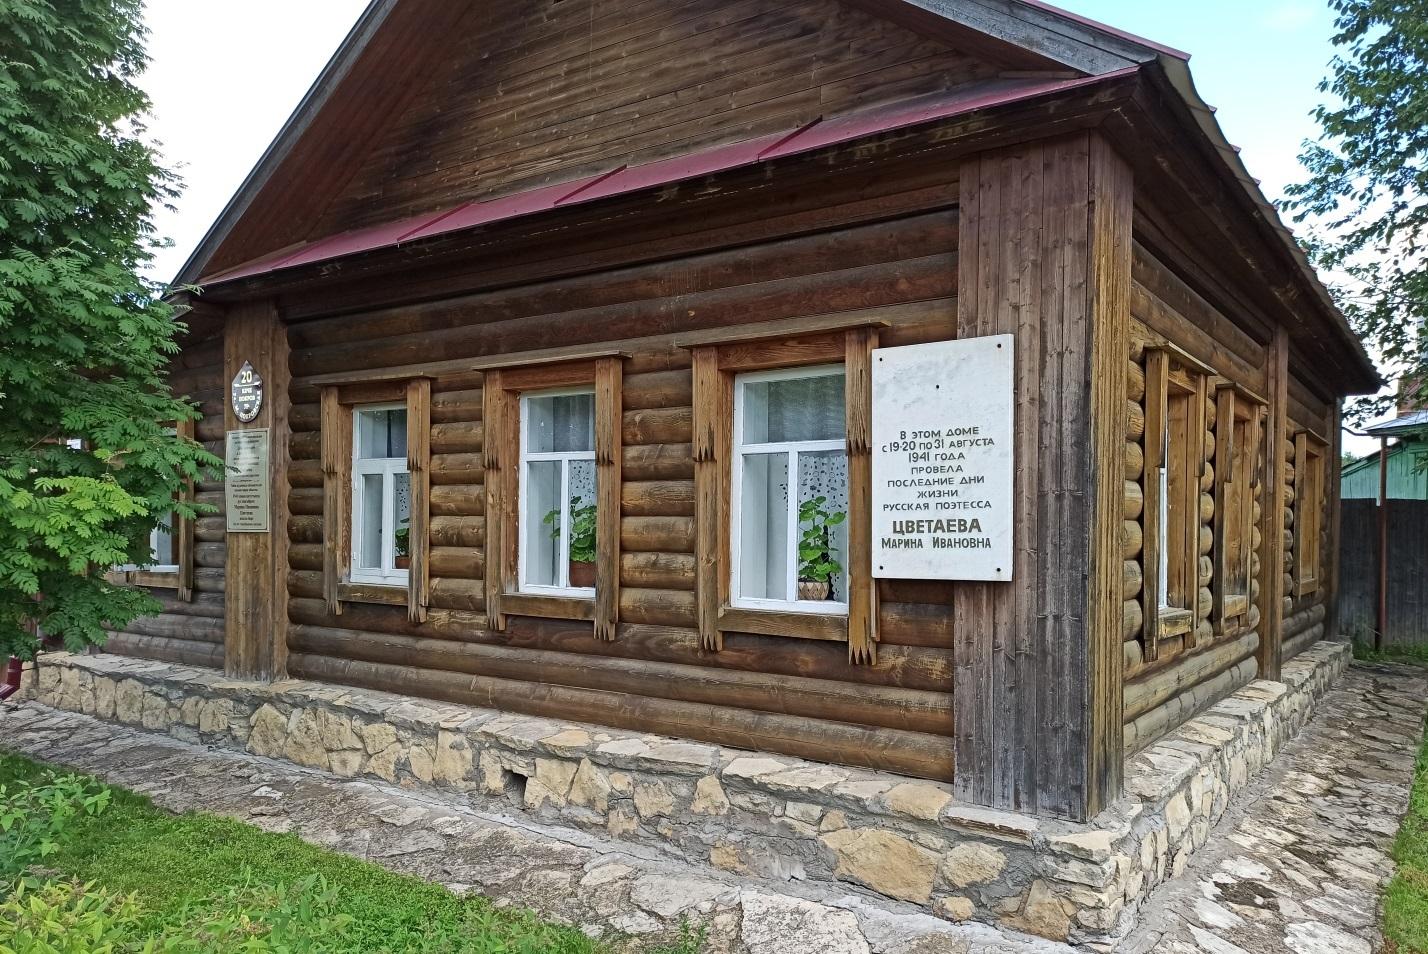 Дом Марины Цветаевой